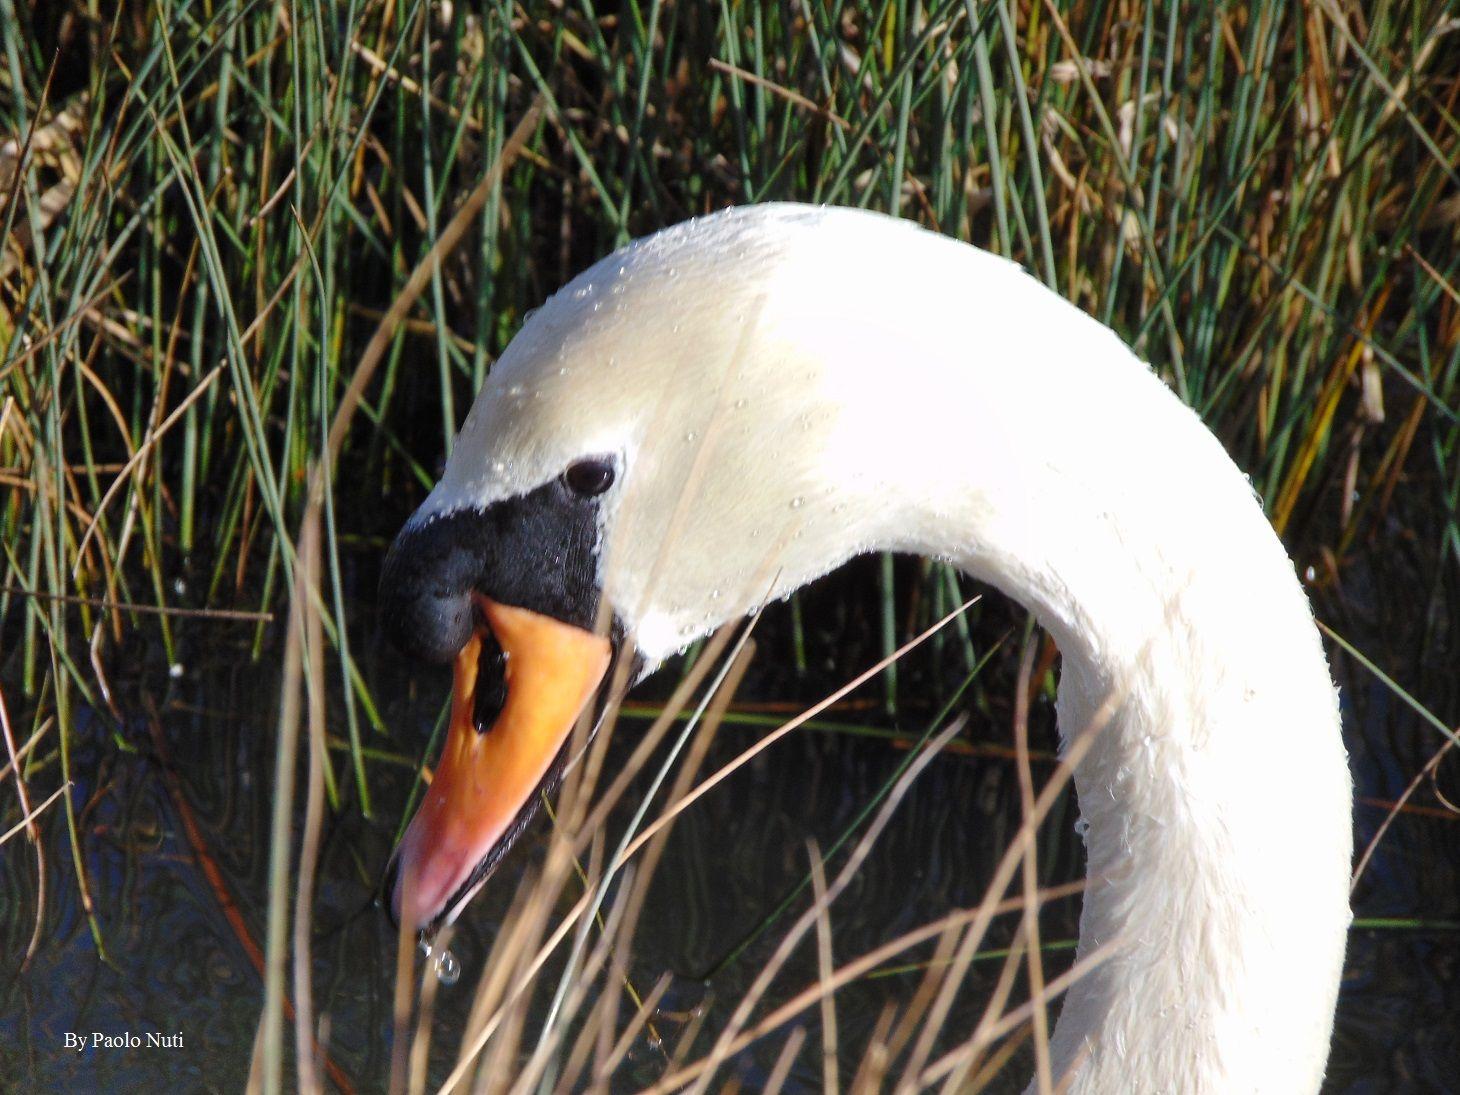 Swan - Il cigno stava mangiando, immergendo il capo per di beccare le piante acquatiche e palustri, si vede ancora qualche goccia d'acqua.